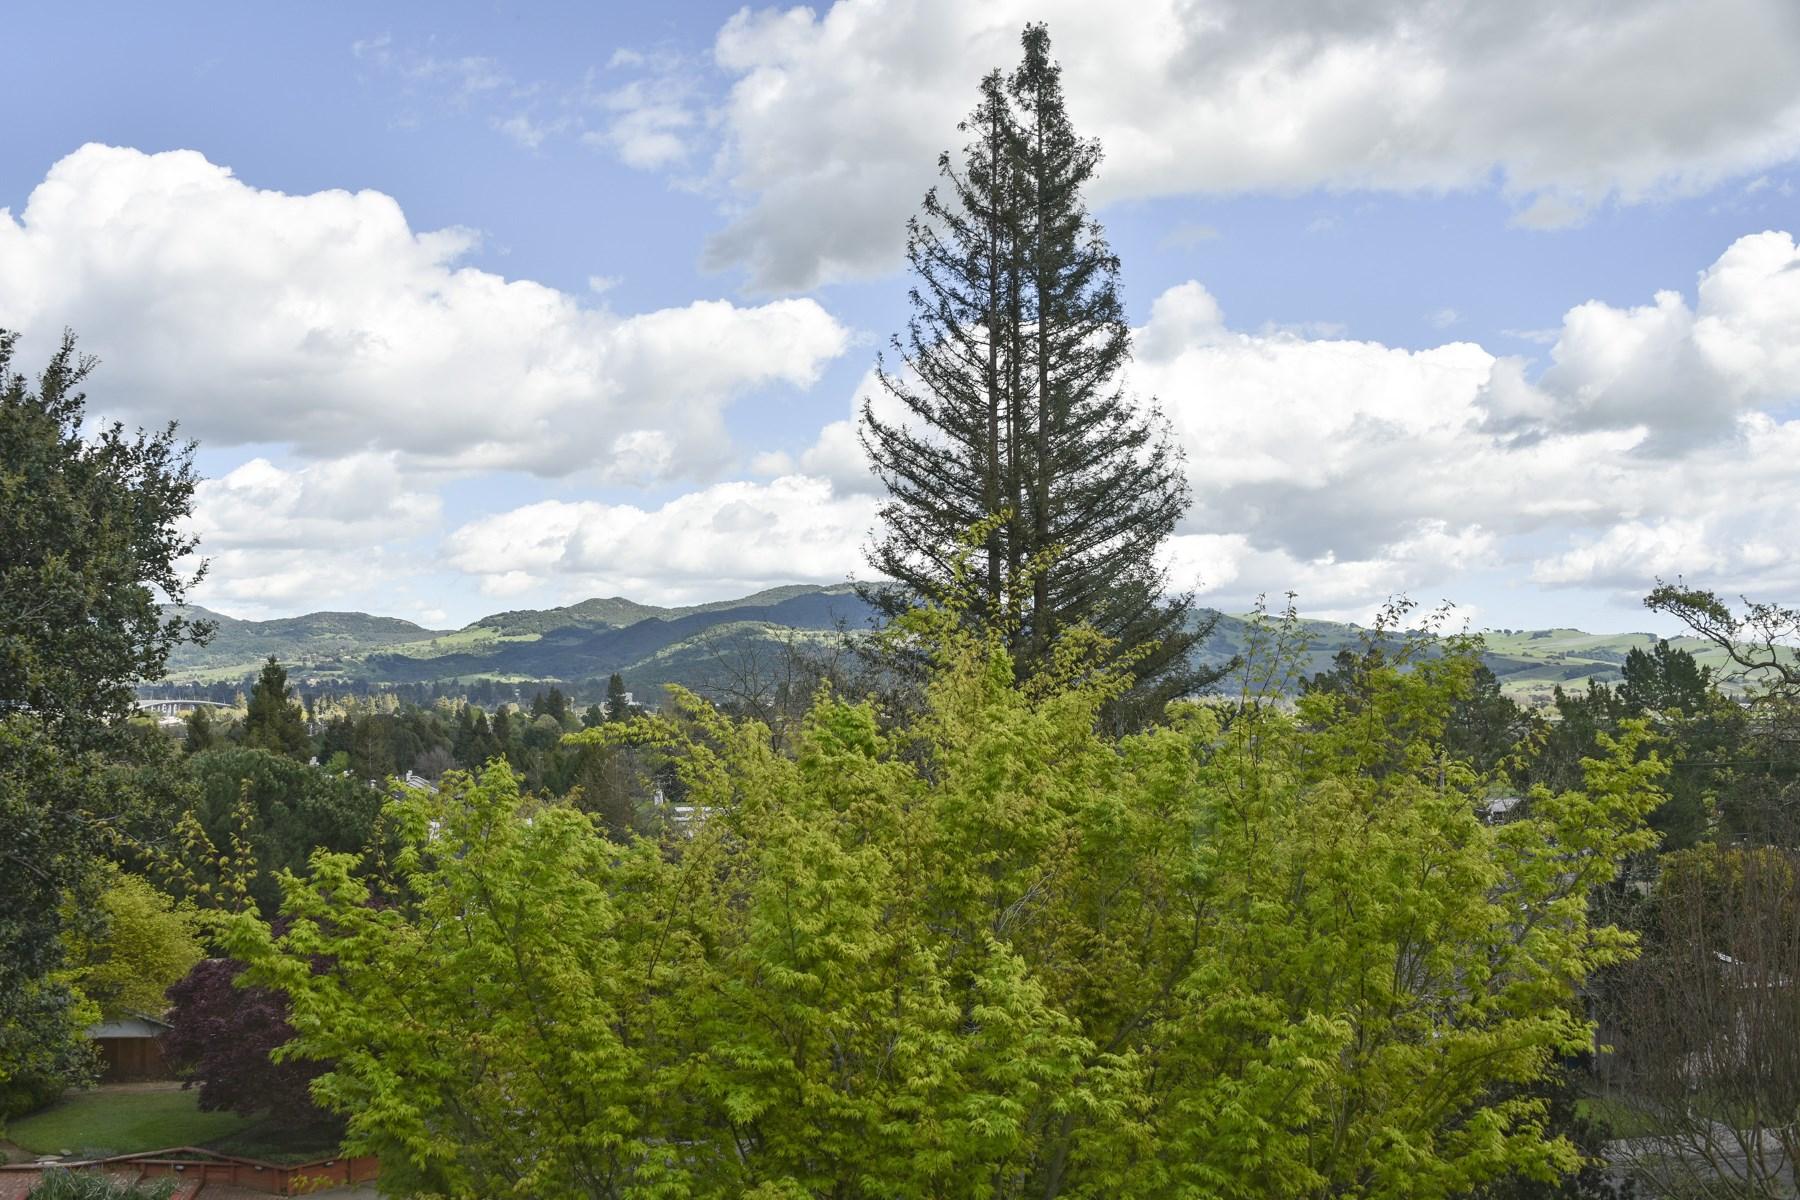 Casa Unifamiliar por un Venta en Napa Valley View Property 2732 Jacqueline Ct Napa, California, 94558 Estados Unidos